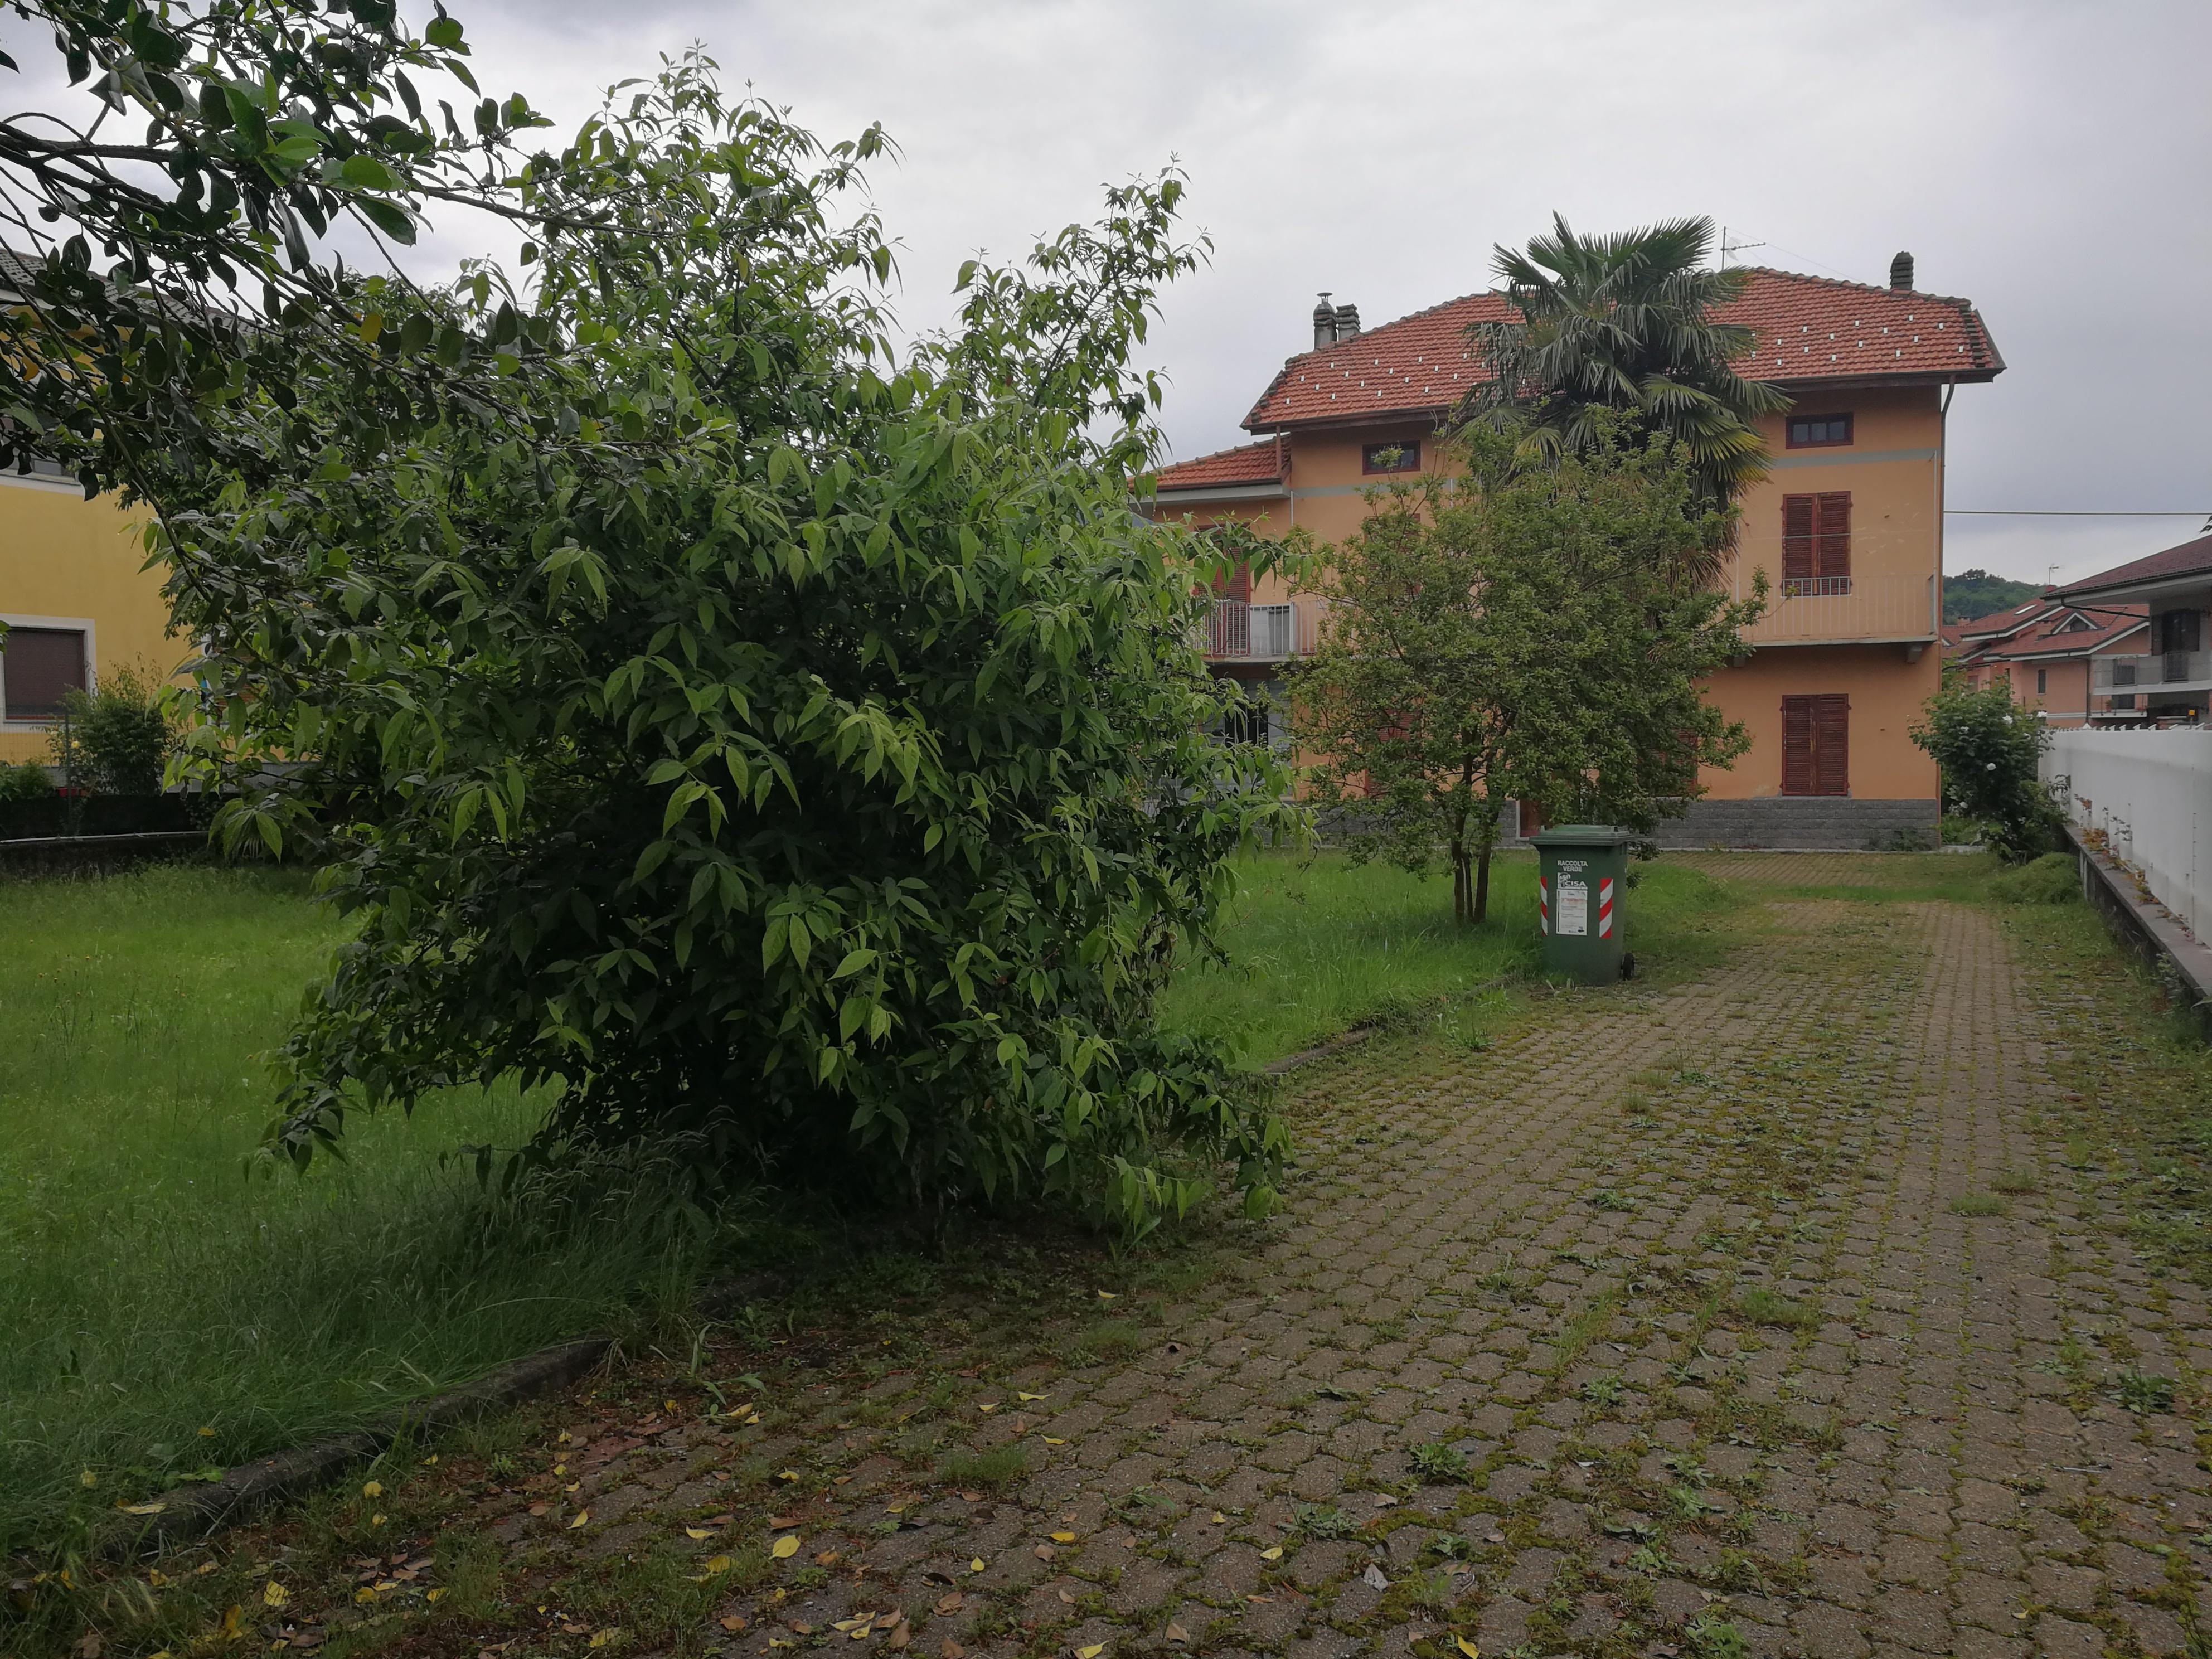 Balangero. Casa indipendente con giardino. € 220.000